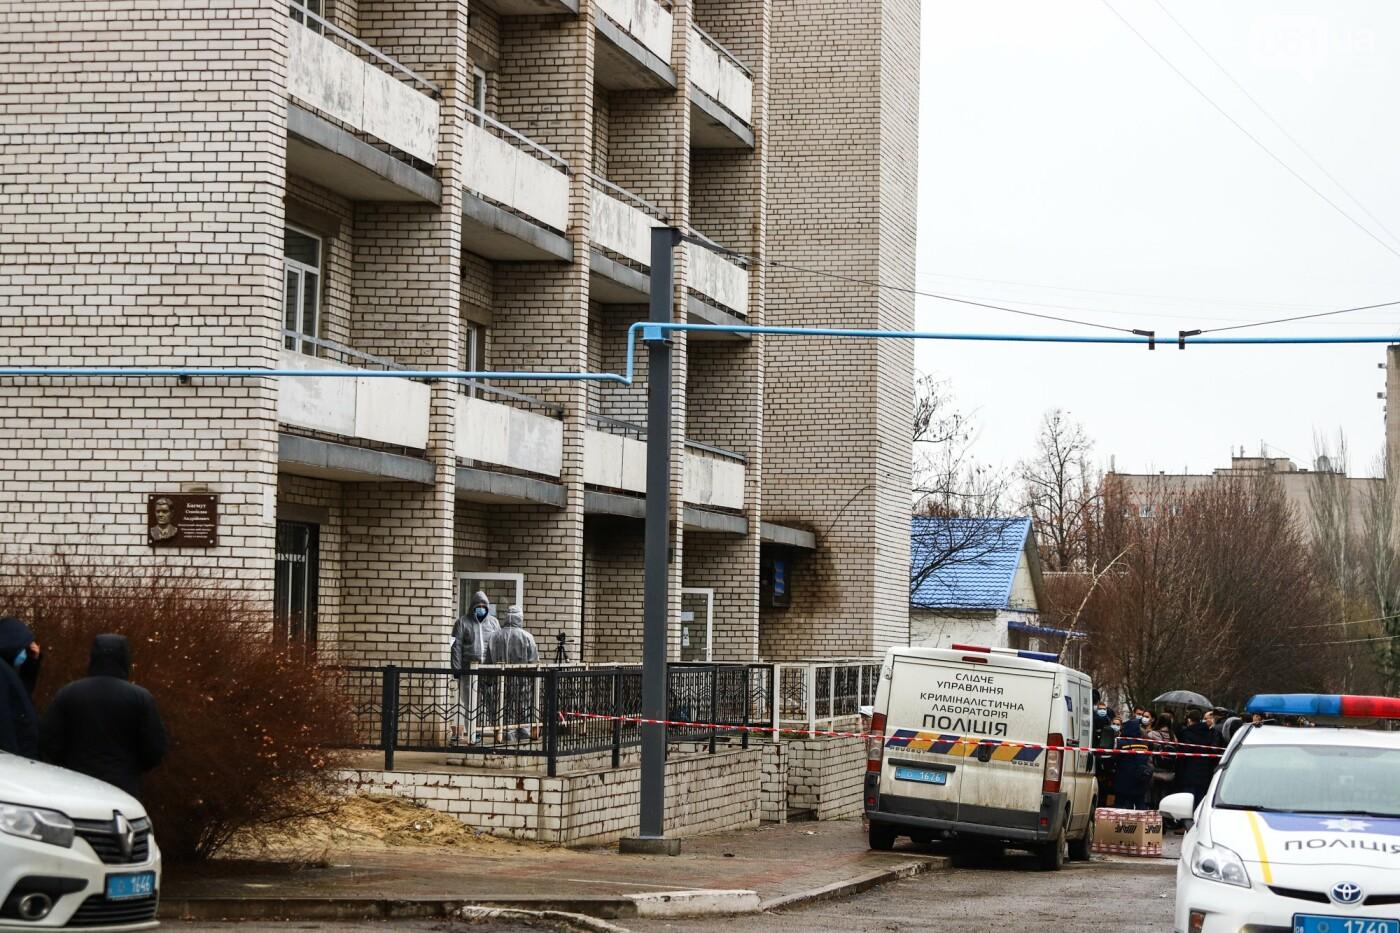 img0455 60ab95c0deafc - О запорожской докторке, которая погибла при взрыве в инфекционной больнице, сняли фильм-расследование